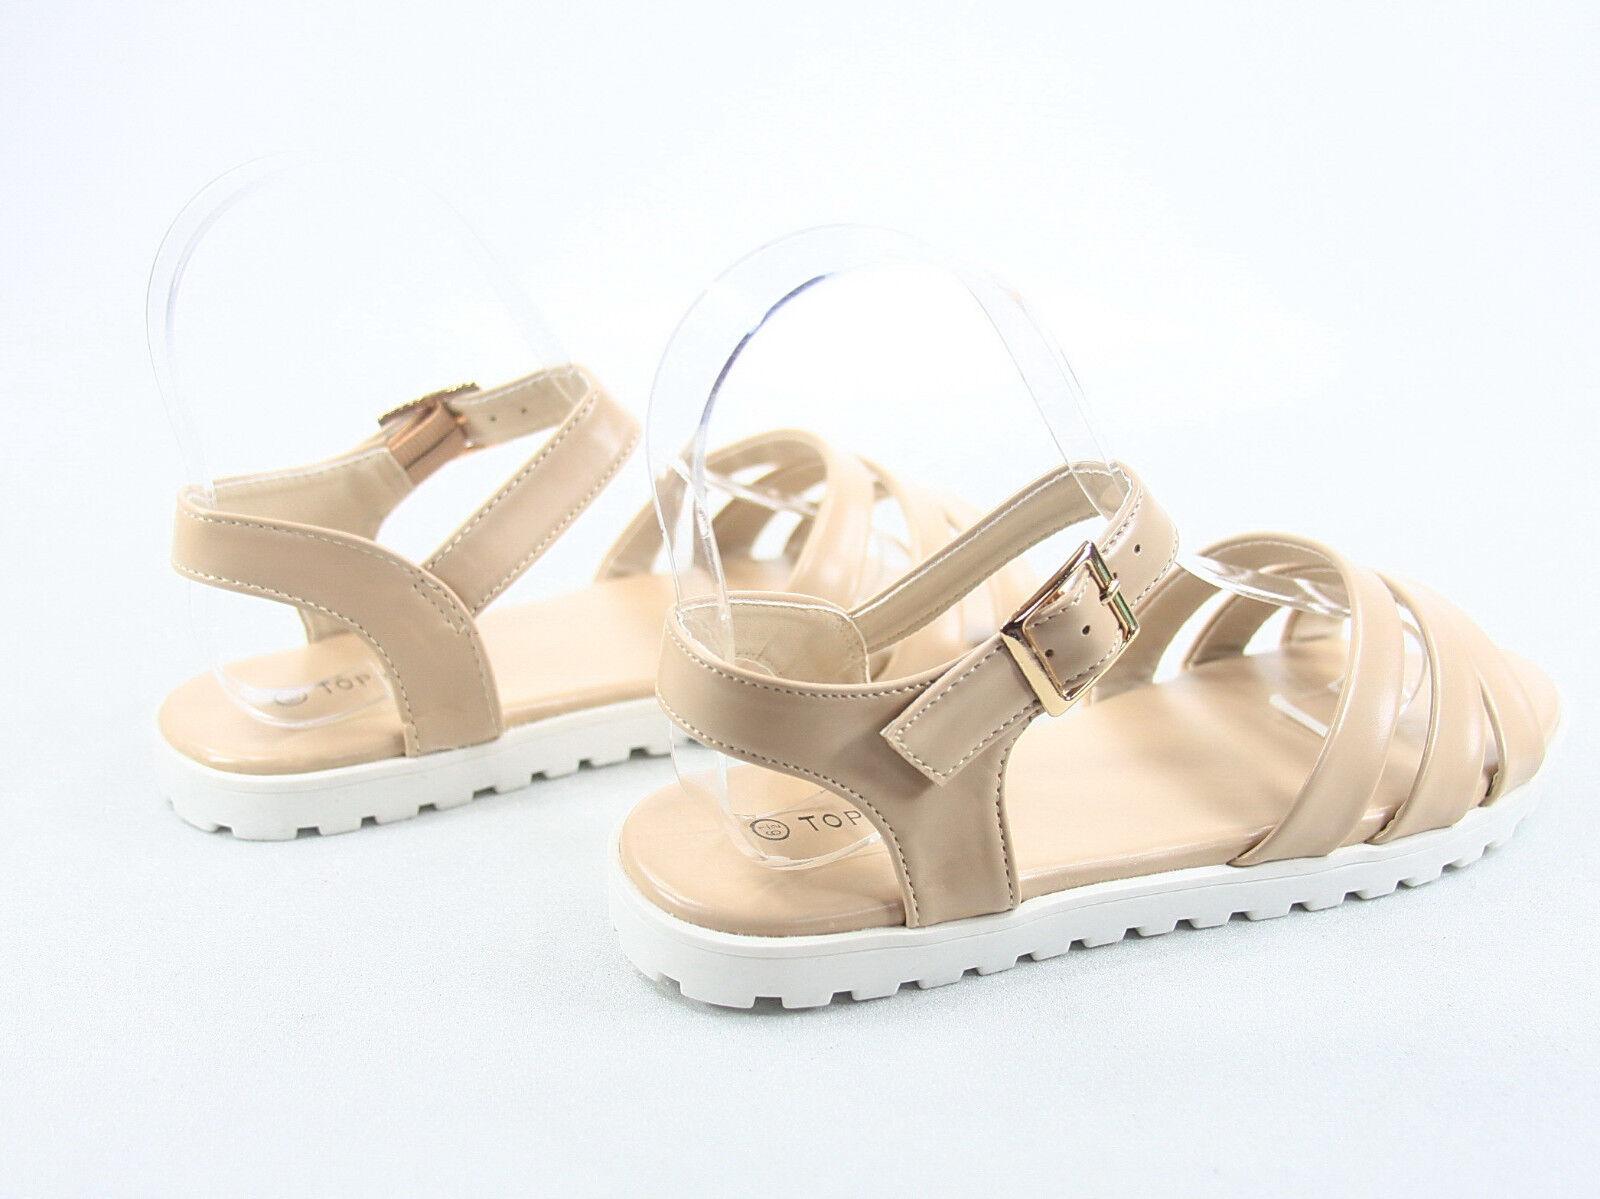 Women Flats Casual Breathable Flats Shoes Slip-on Fashion Canvas Flats Shoes Flats 8b6e72